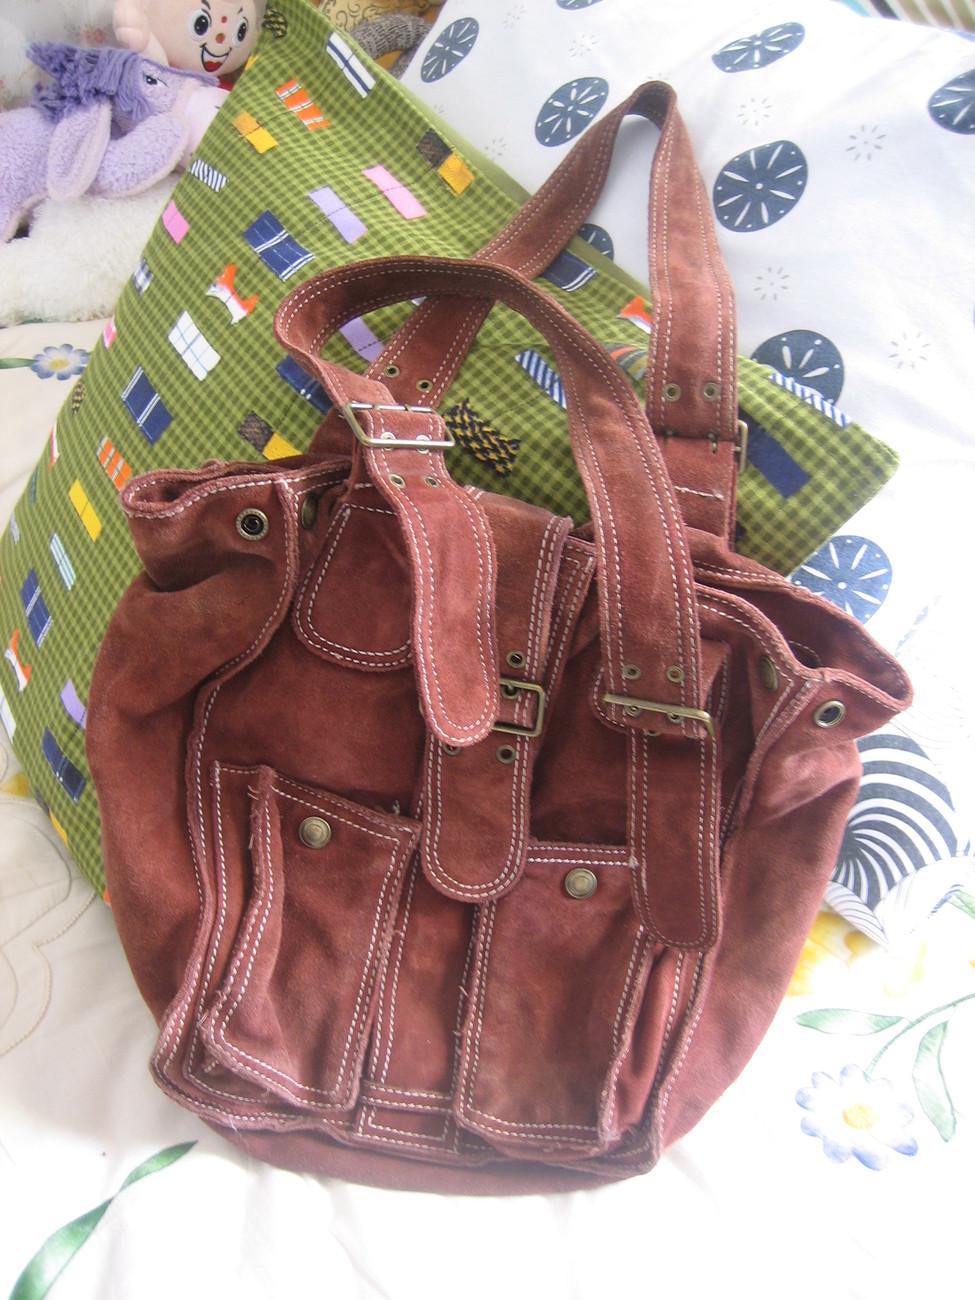 Cynthia Rowley Suede Handbag - Handbags & Bags